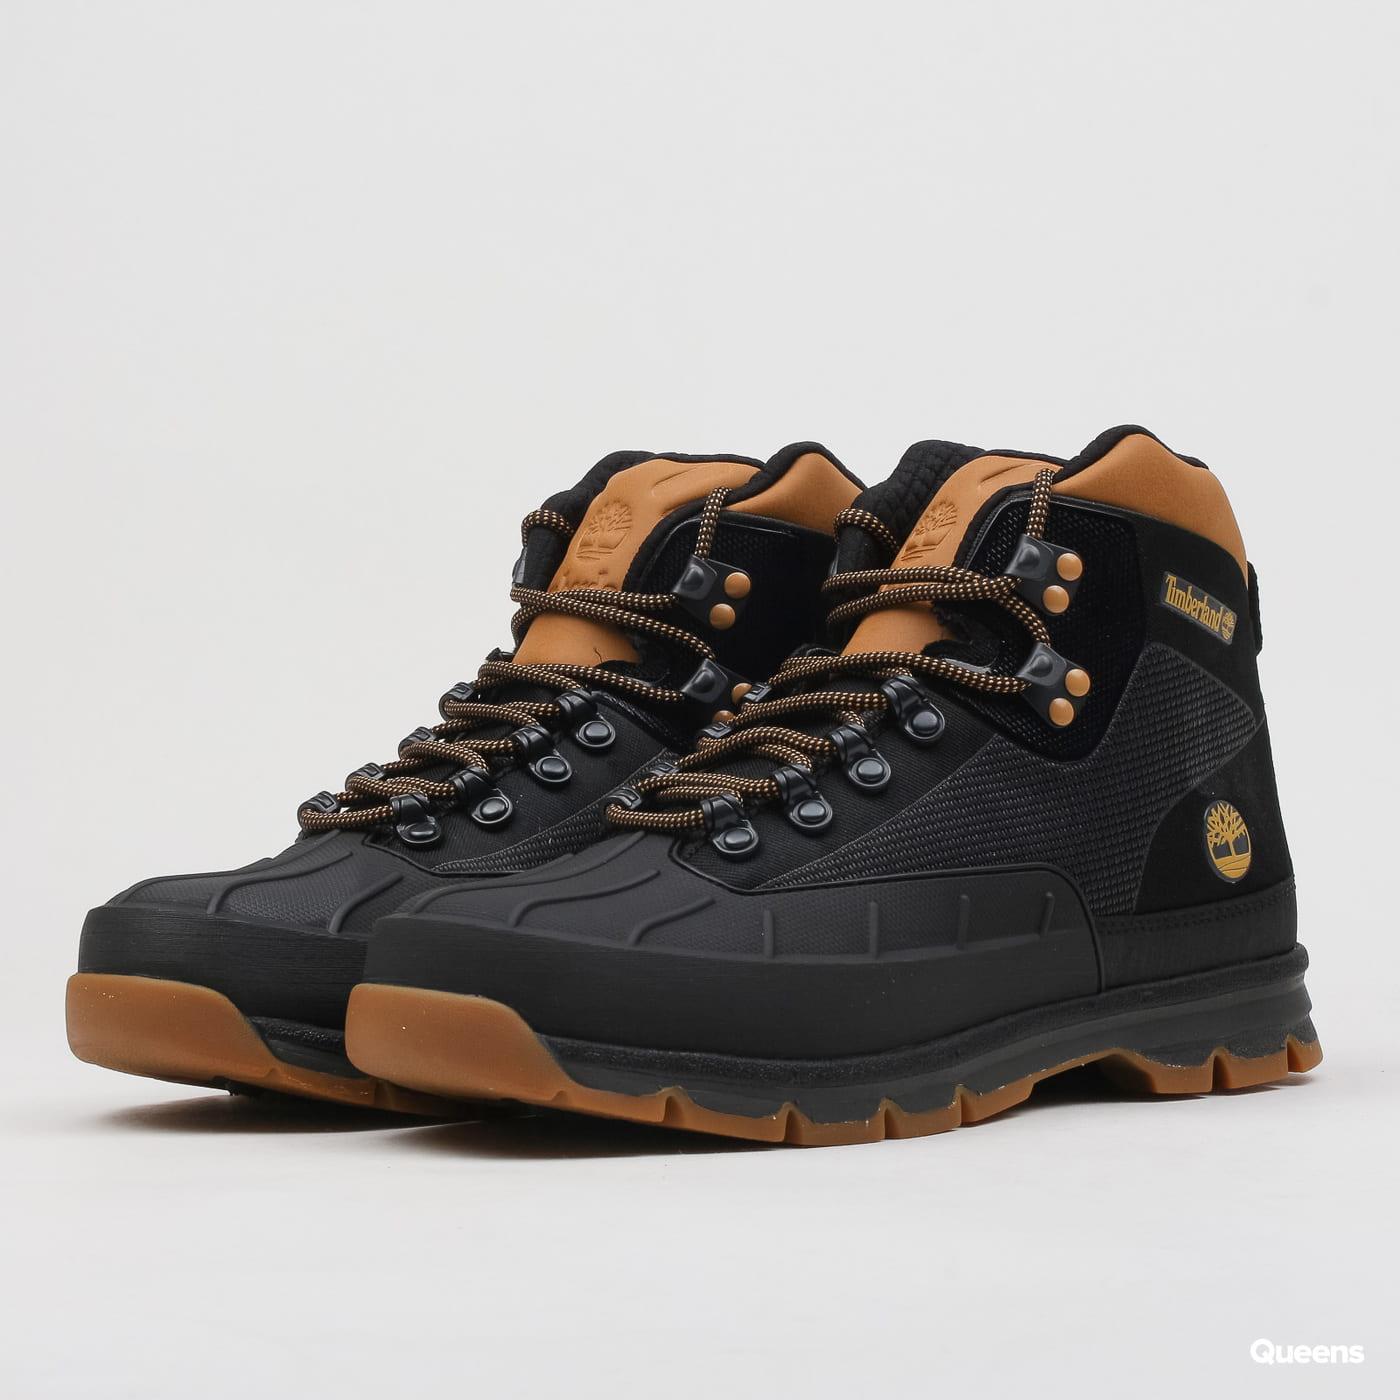 25b31aa69c3d2 Pánska zimná obuv Timberland Euro Hiker Shell Jacquard Boot black (A1QJ2 -  BLK) – Queens 💚